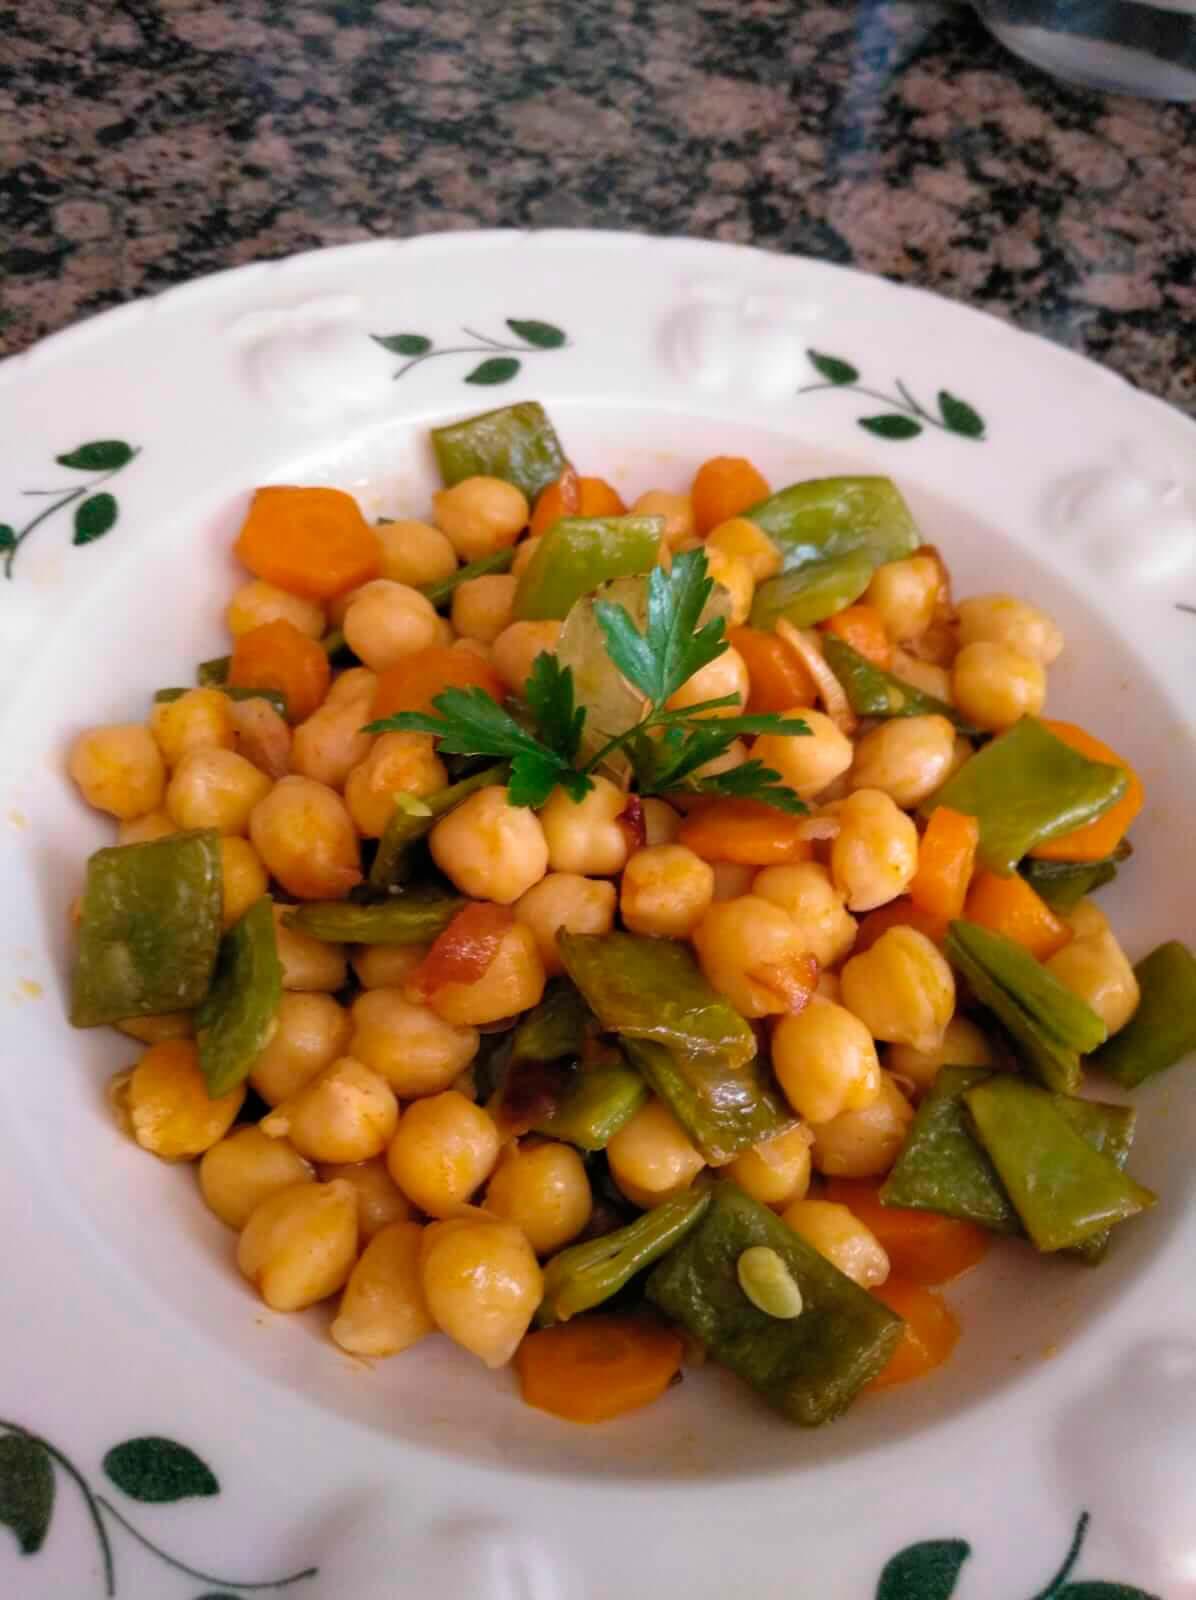 Receta Garbanzos salteados con judía verde y zanahoria